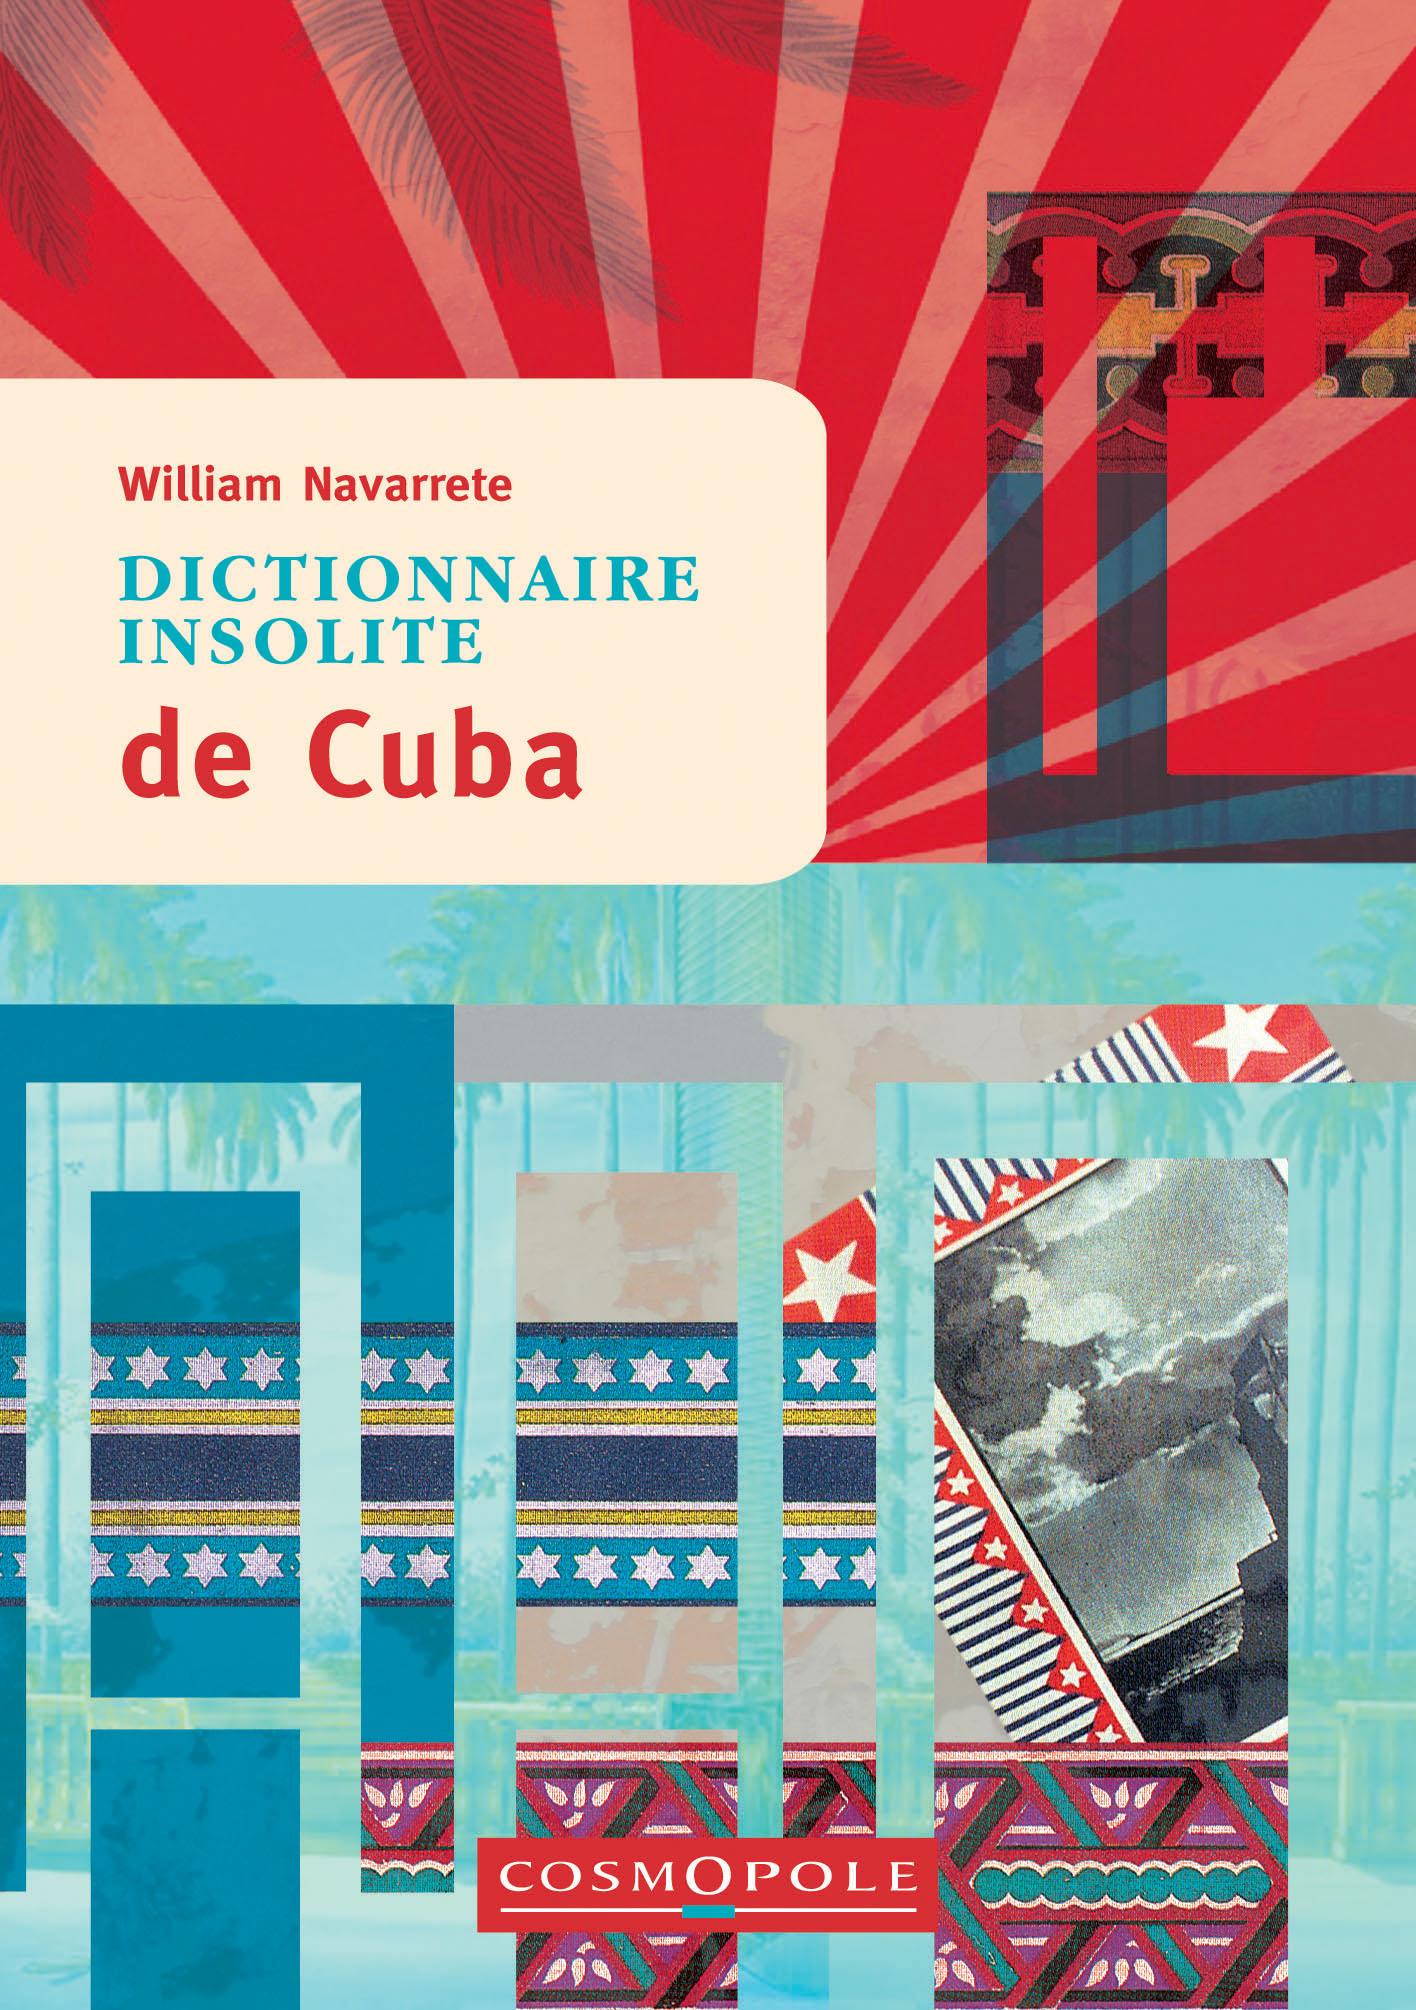 Dictionnaire insolite de Cuba